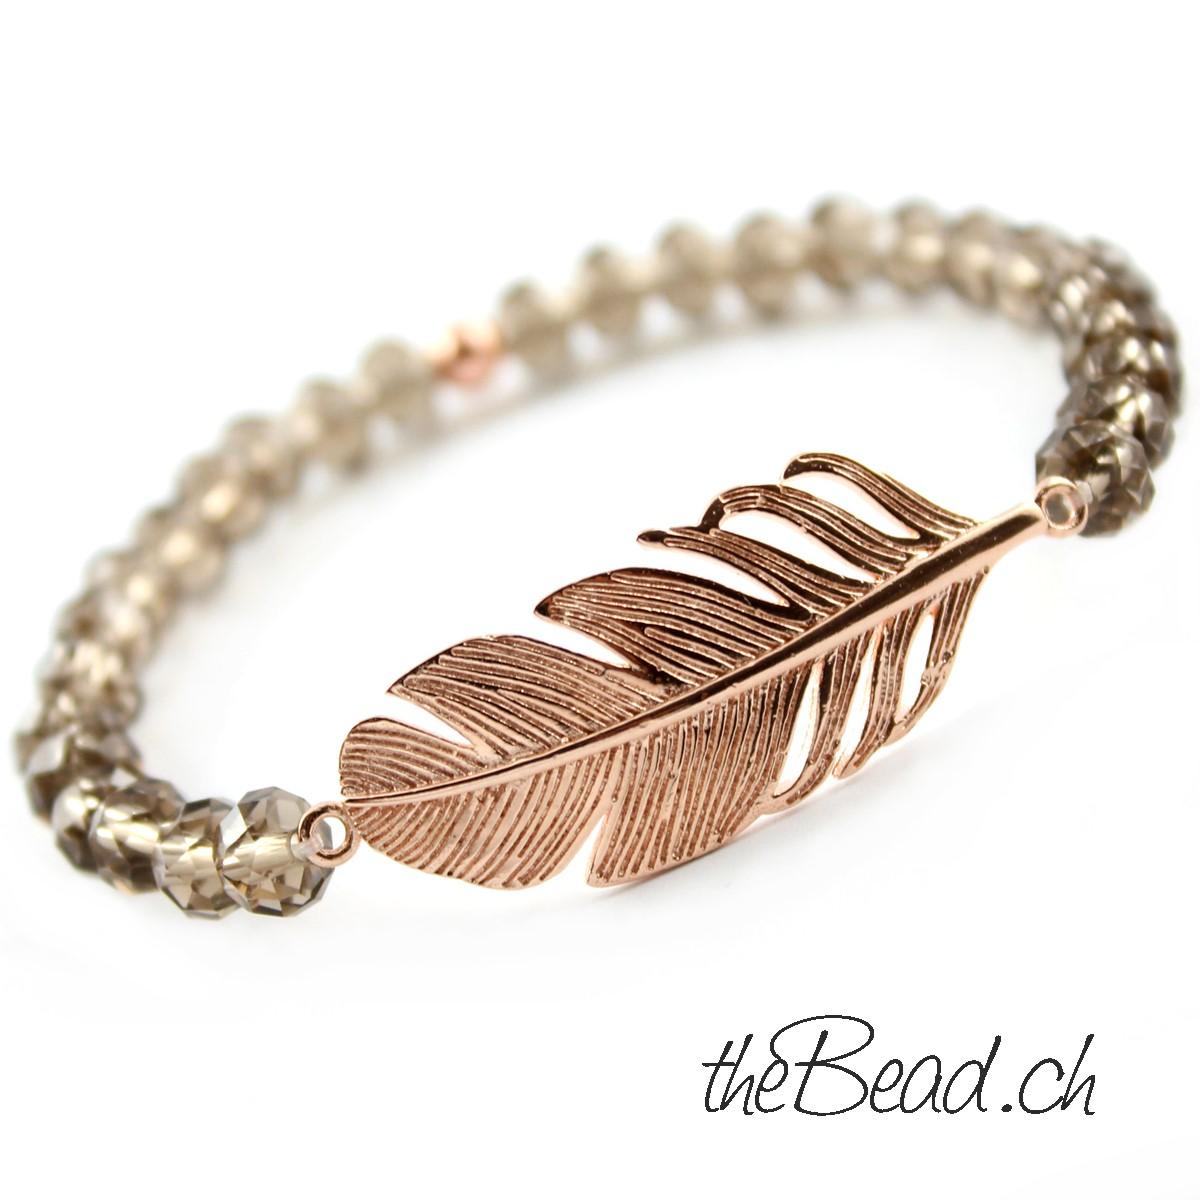 theBead schweiz Luxus Armband mit grosser Feder aus 925 Sterling Silber rosevergoldet  und facetierten Kristallperlen